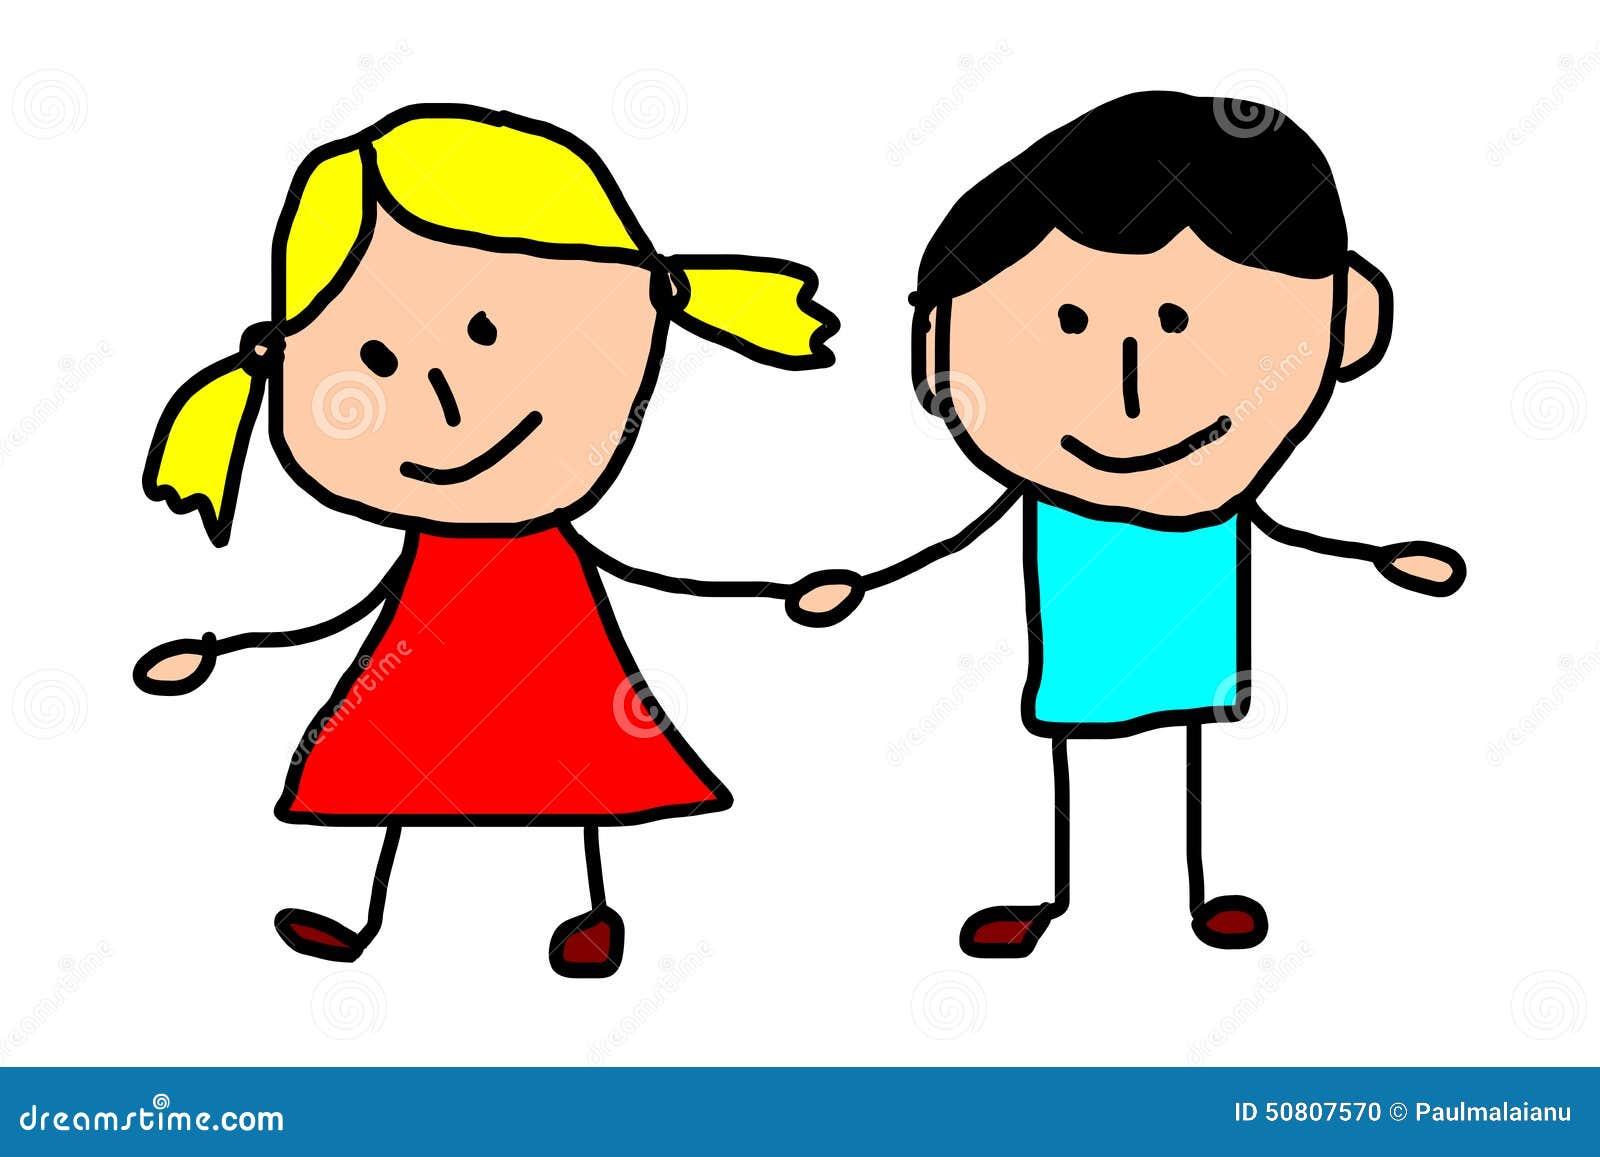 Zeichnende Kinder - Freunde Stock Abbildung - Illustration ...